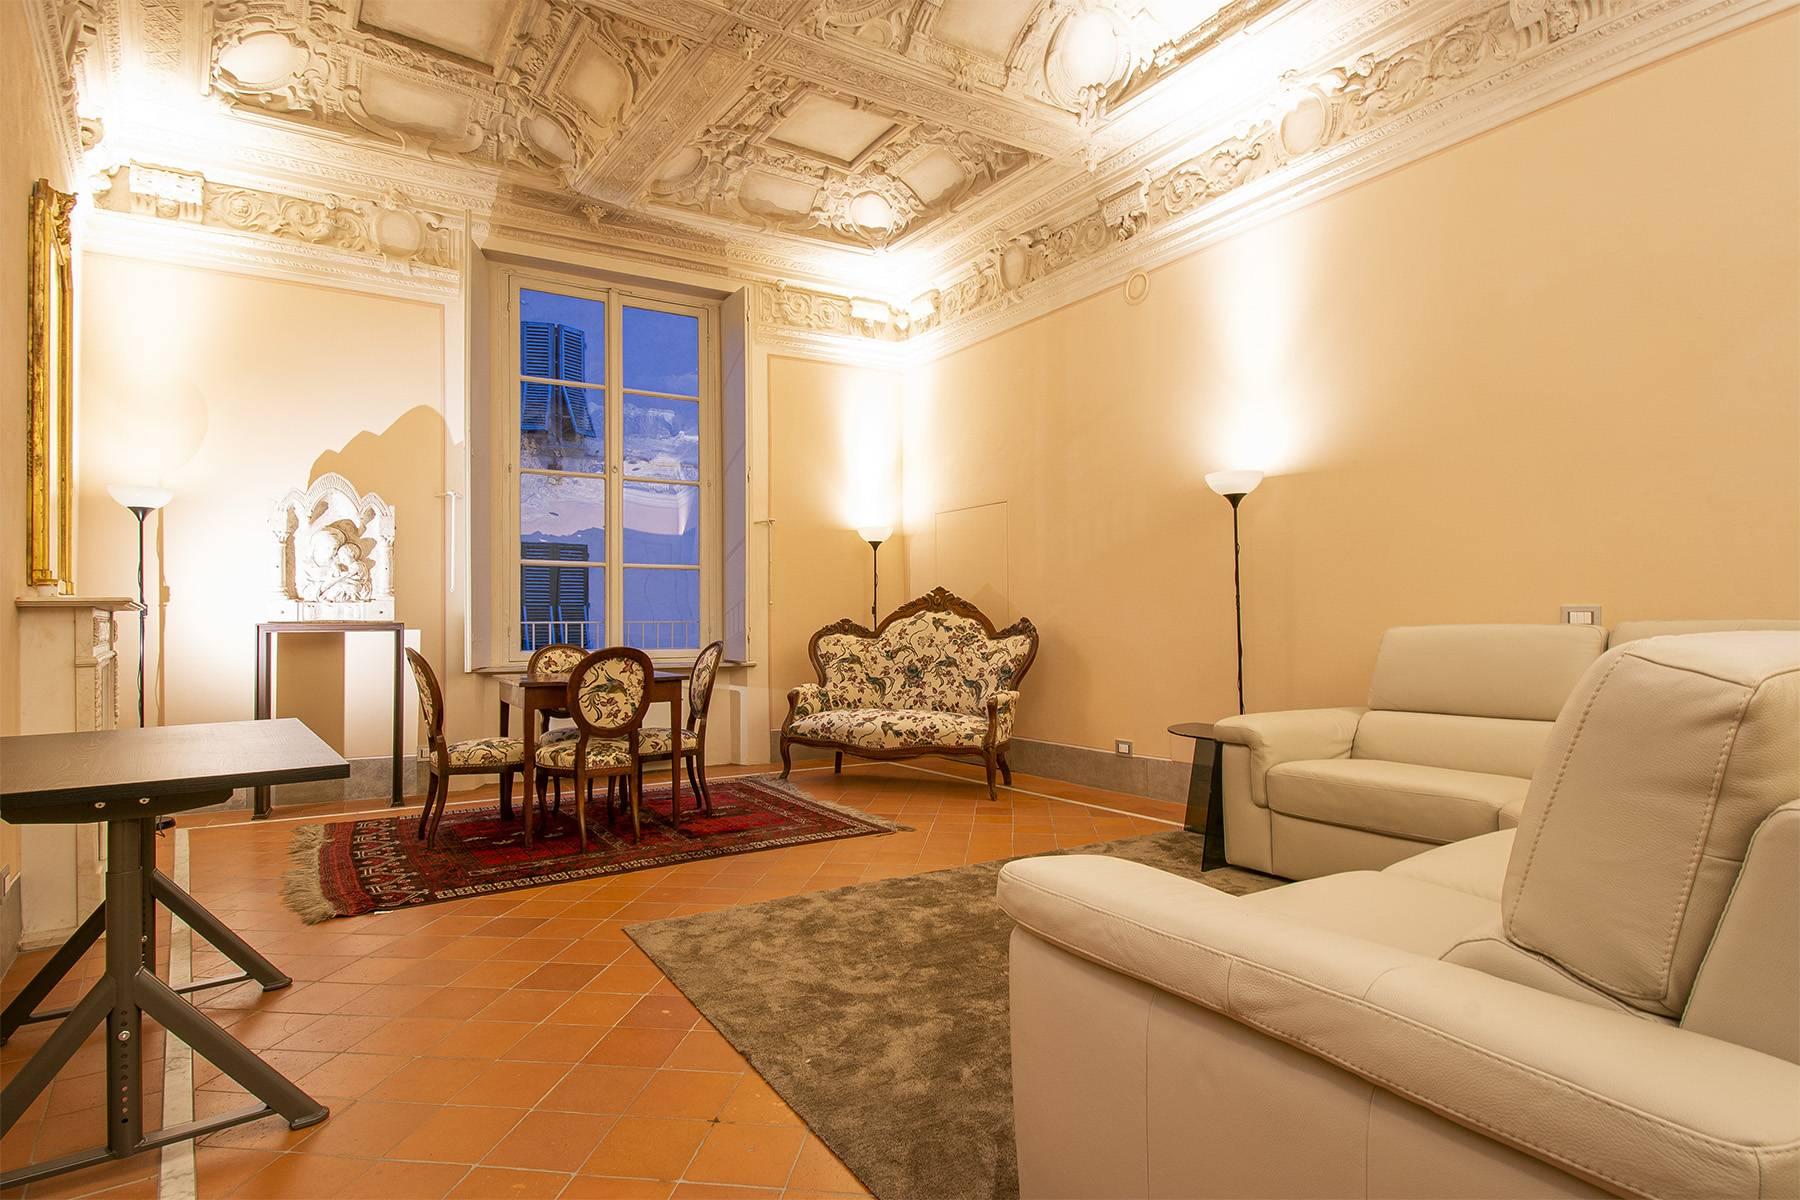 Appartamento in Affitto a Lucca: 2 locali, 50 mq - Foto 3